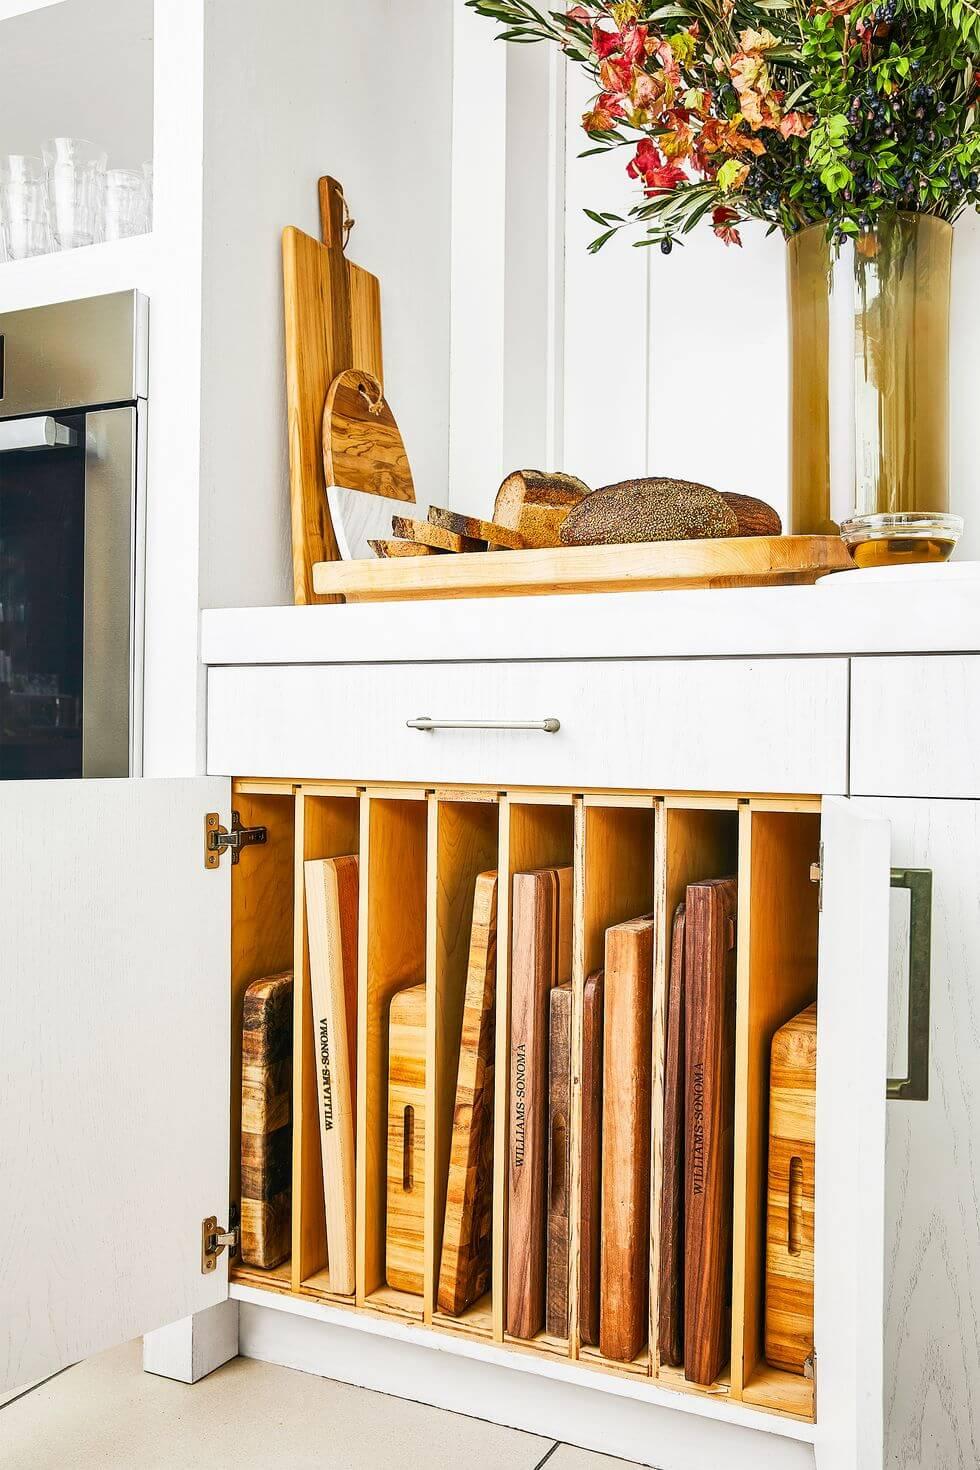 kitchen-cabinet-organization-storage-ideas